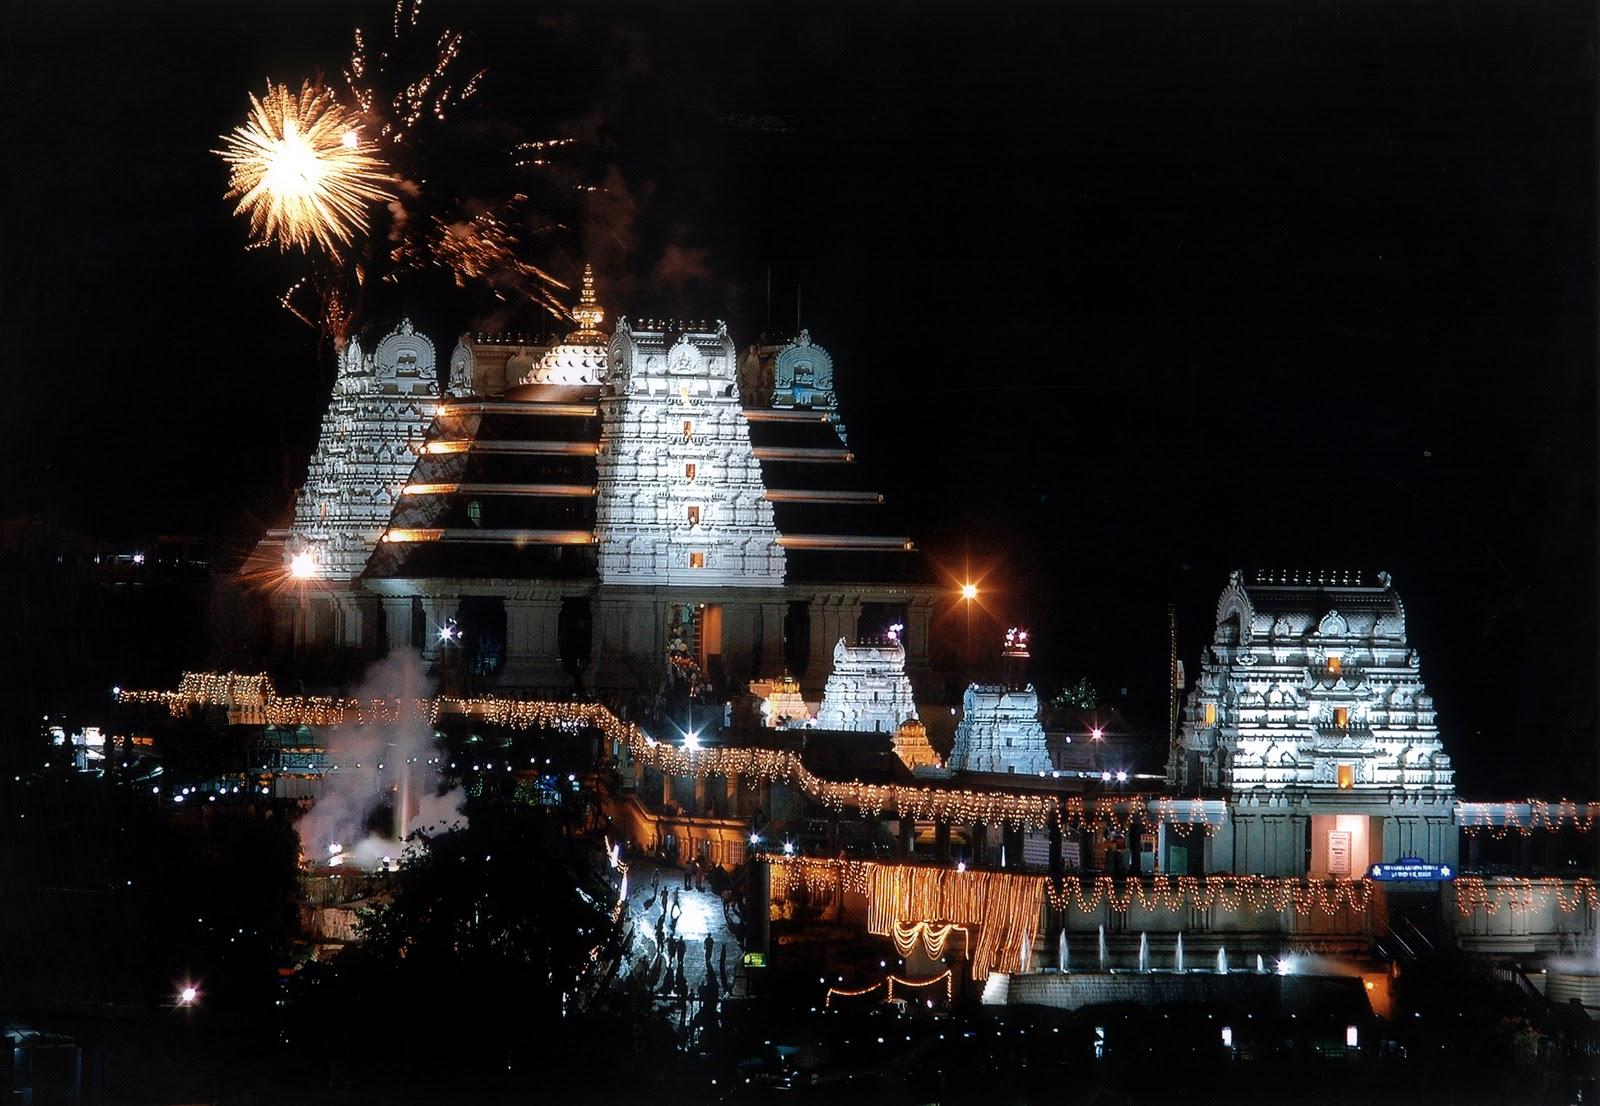 Daily Darshan of ISKCON Bangalore Deities